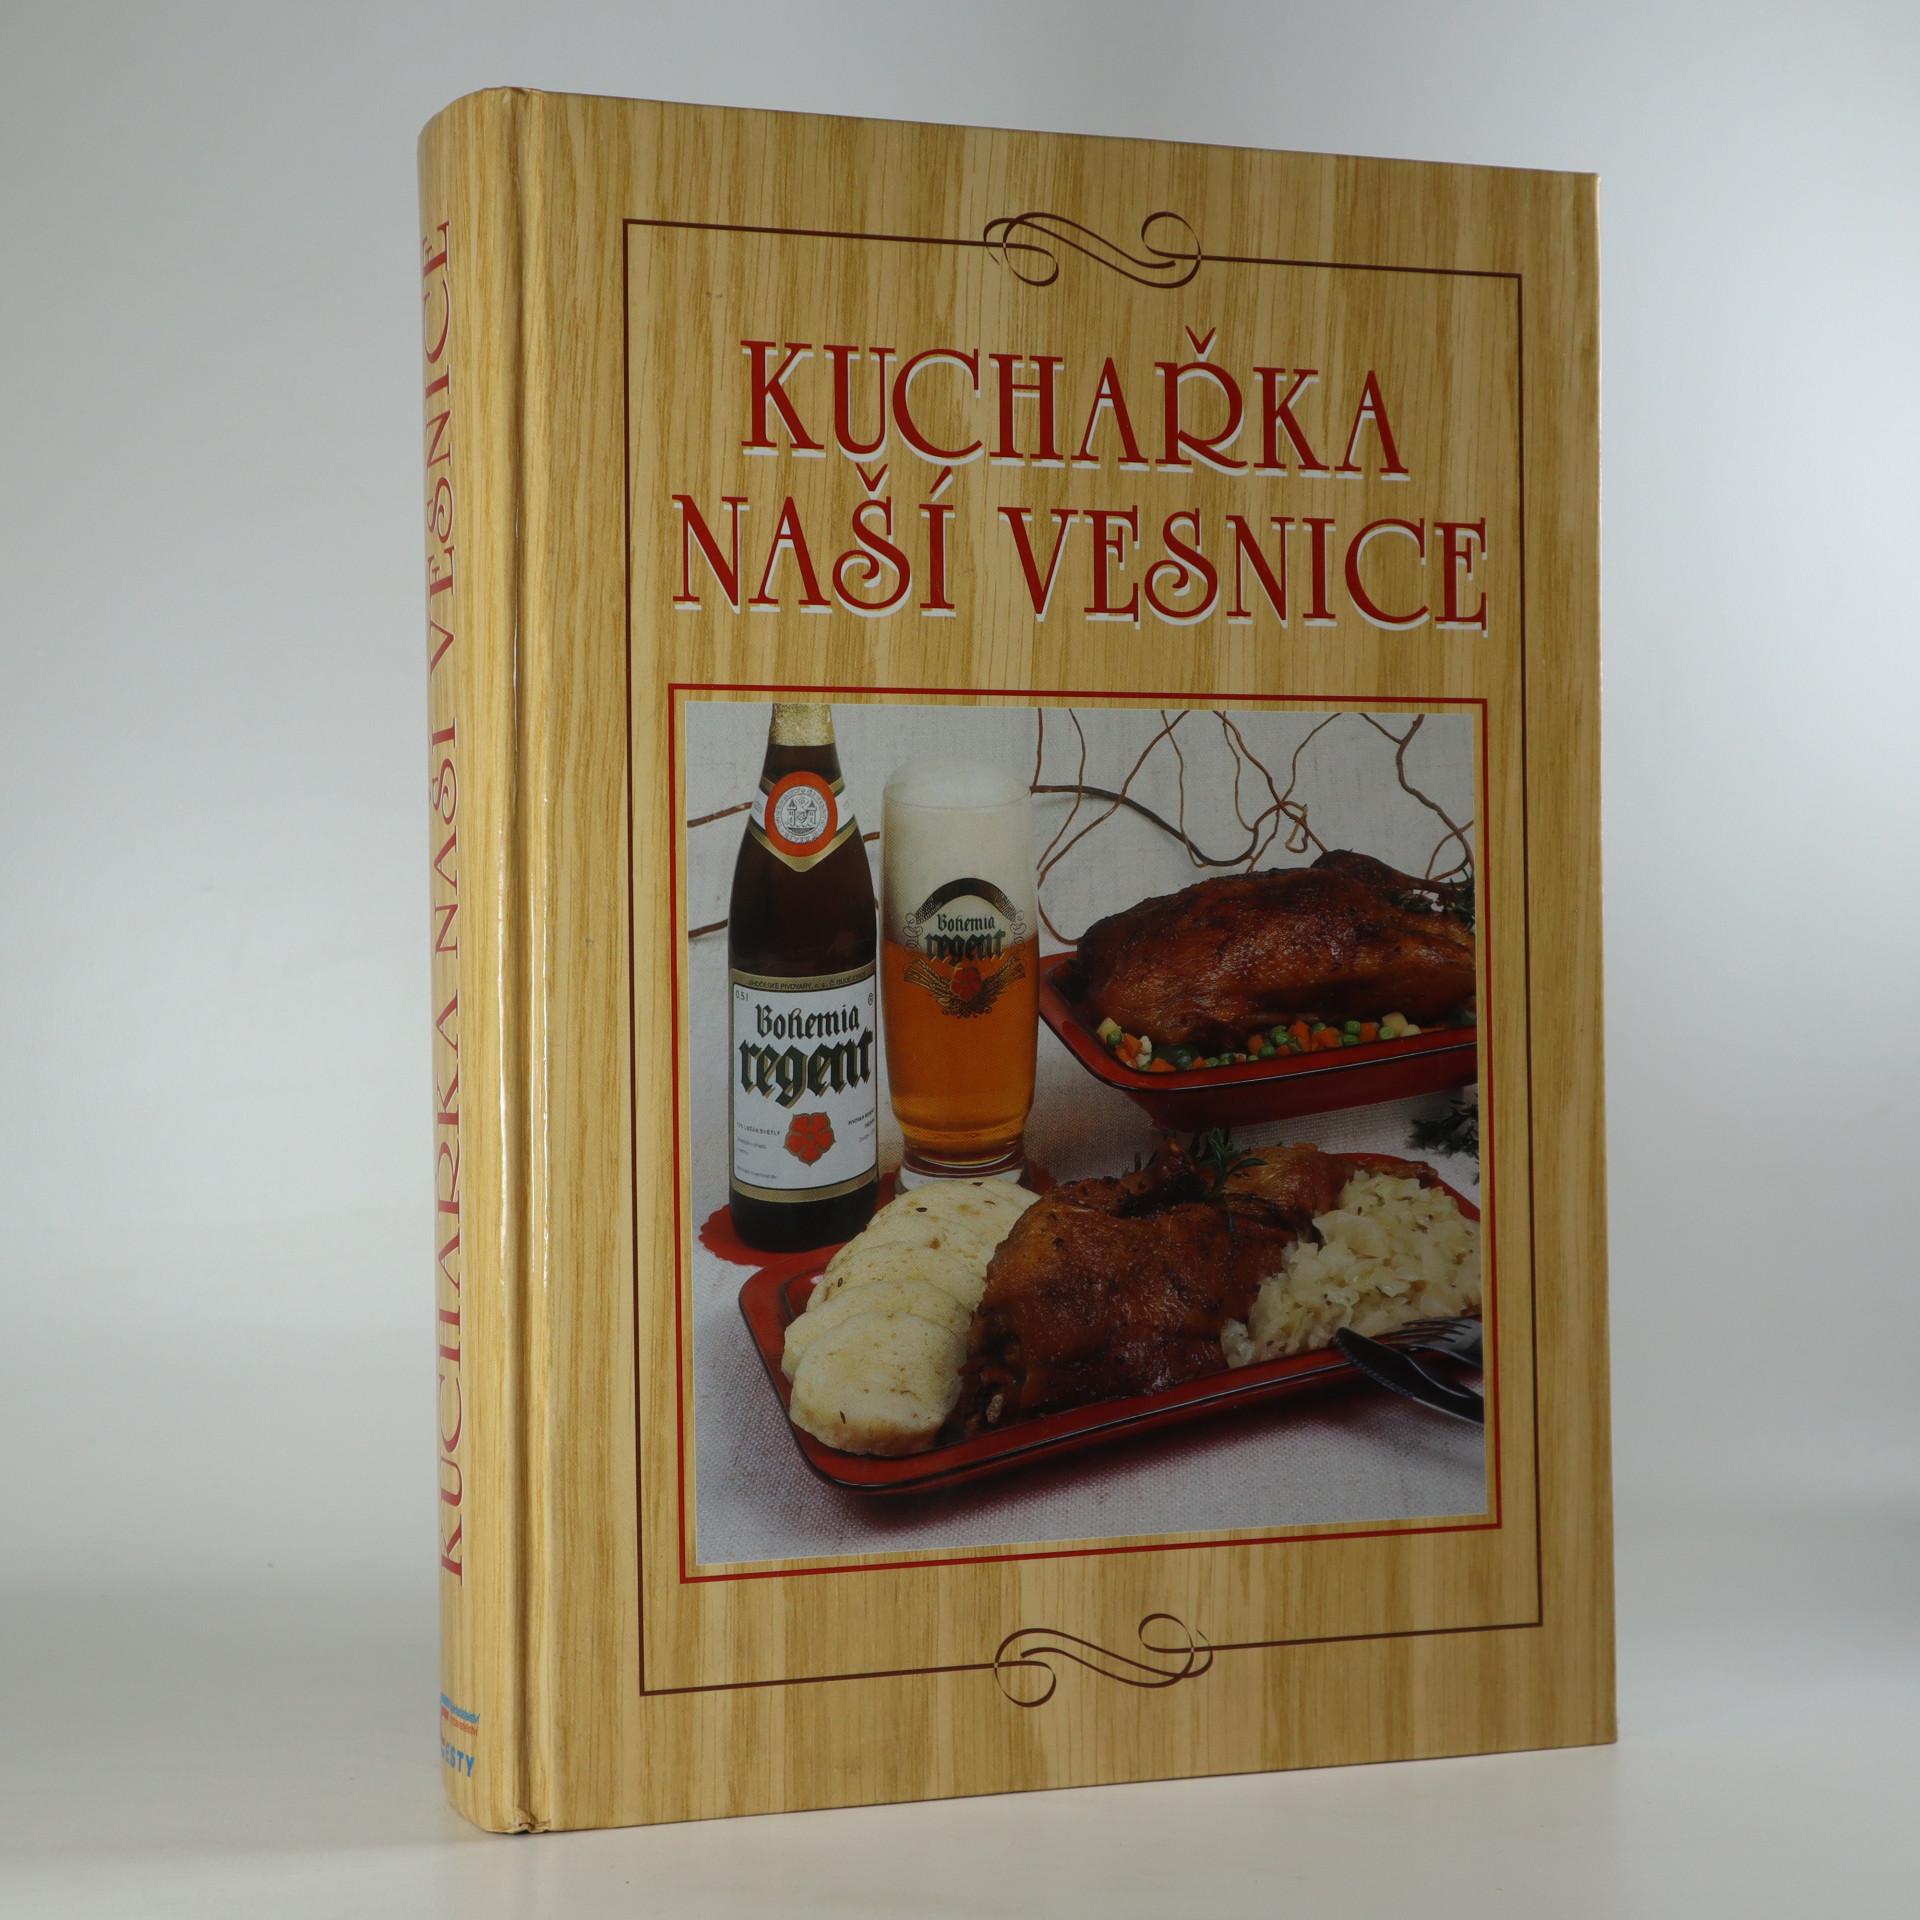 antikvární kniha Kuchařka naší vesnice, 1999